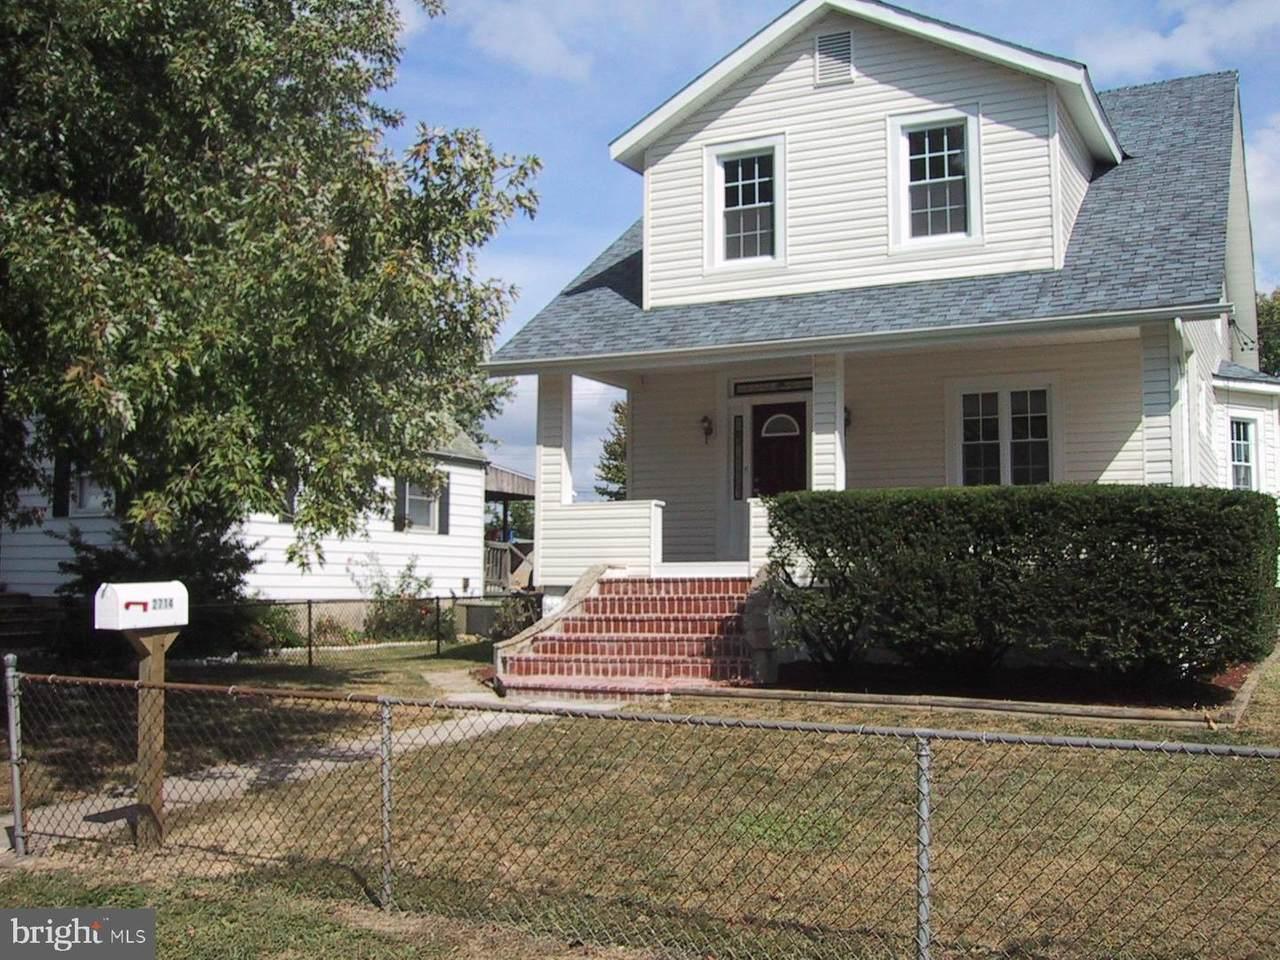 2714 Gray Manor Terrace - Photo 1